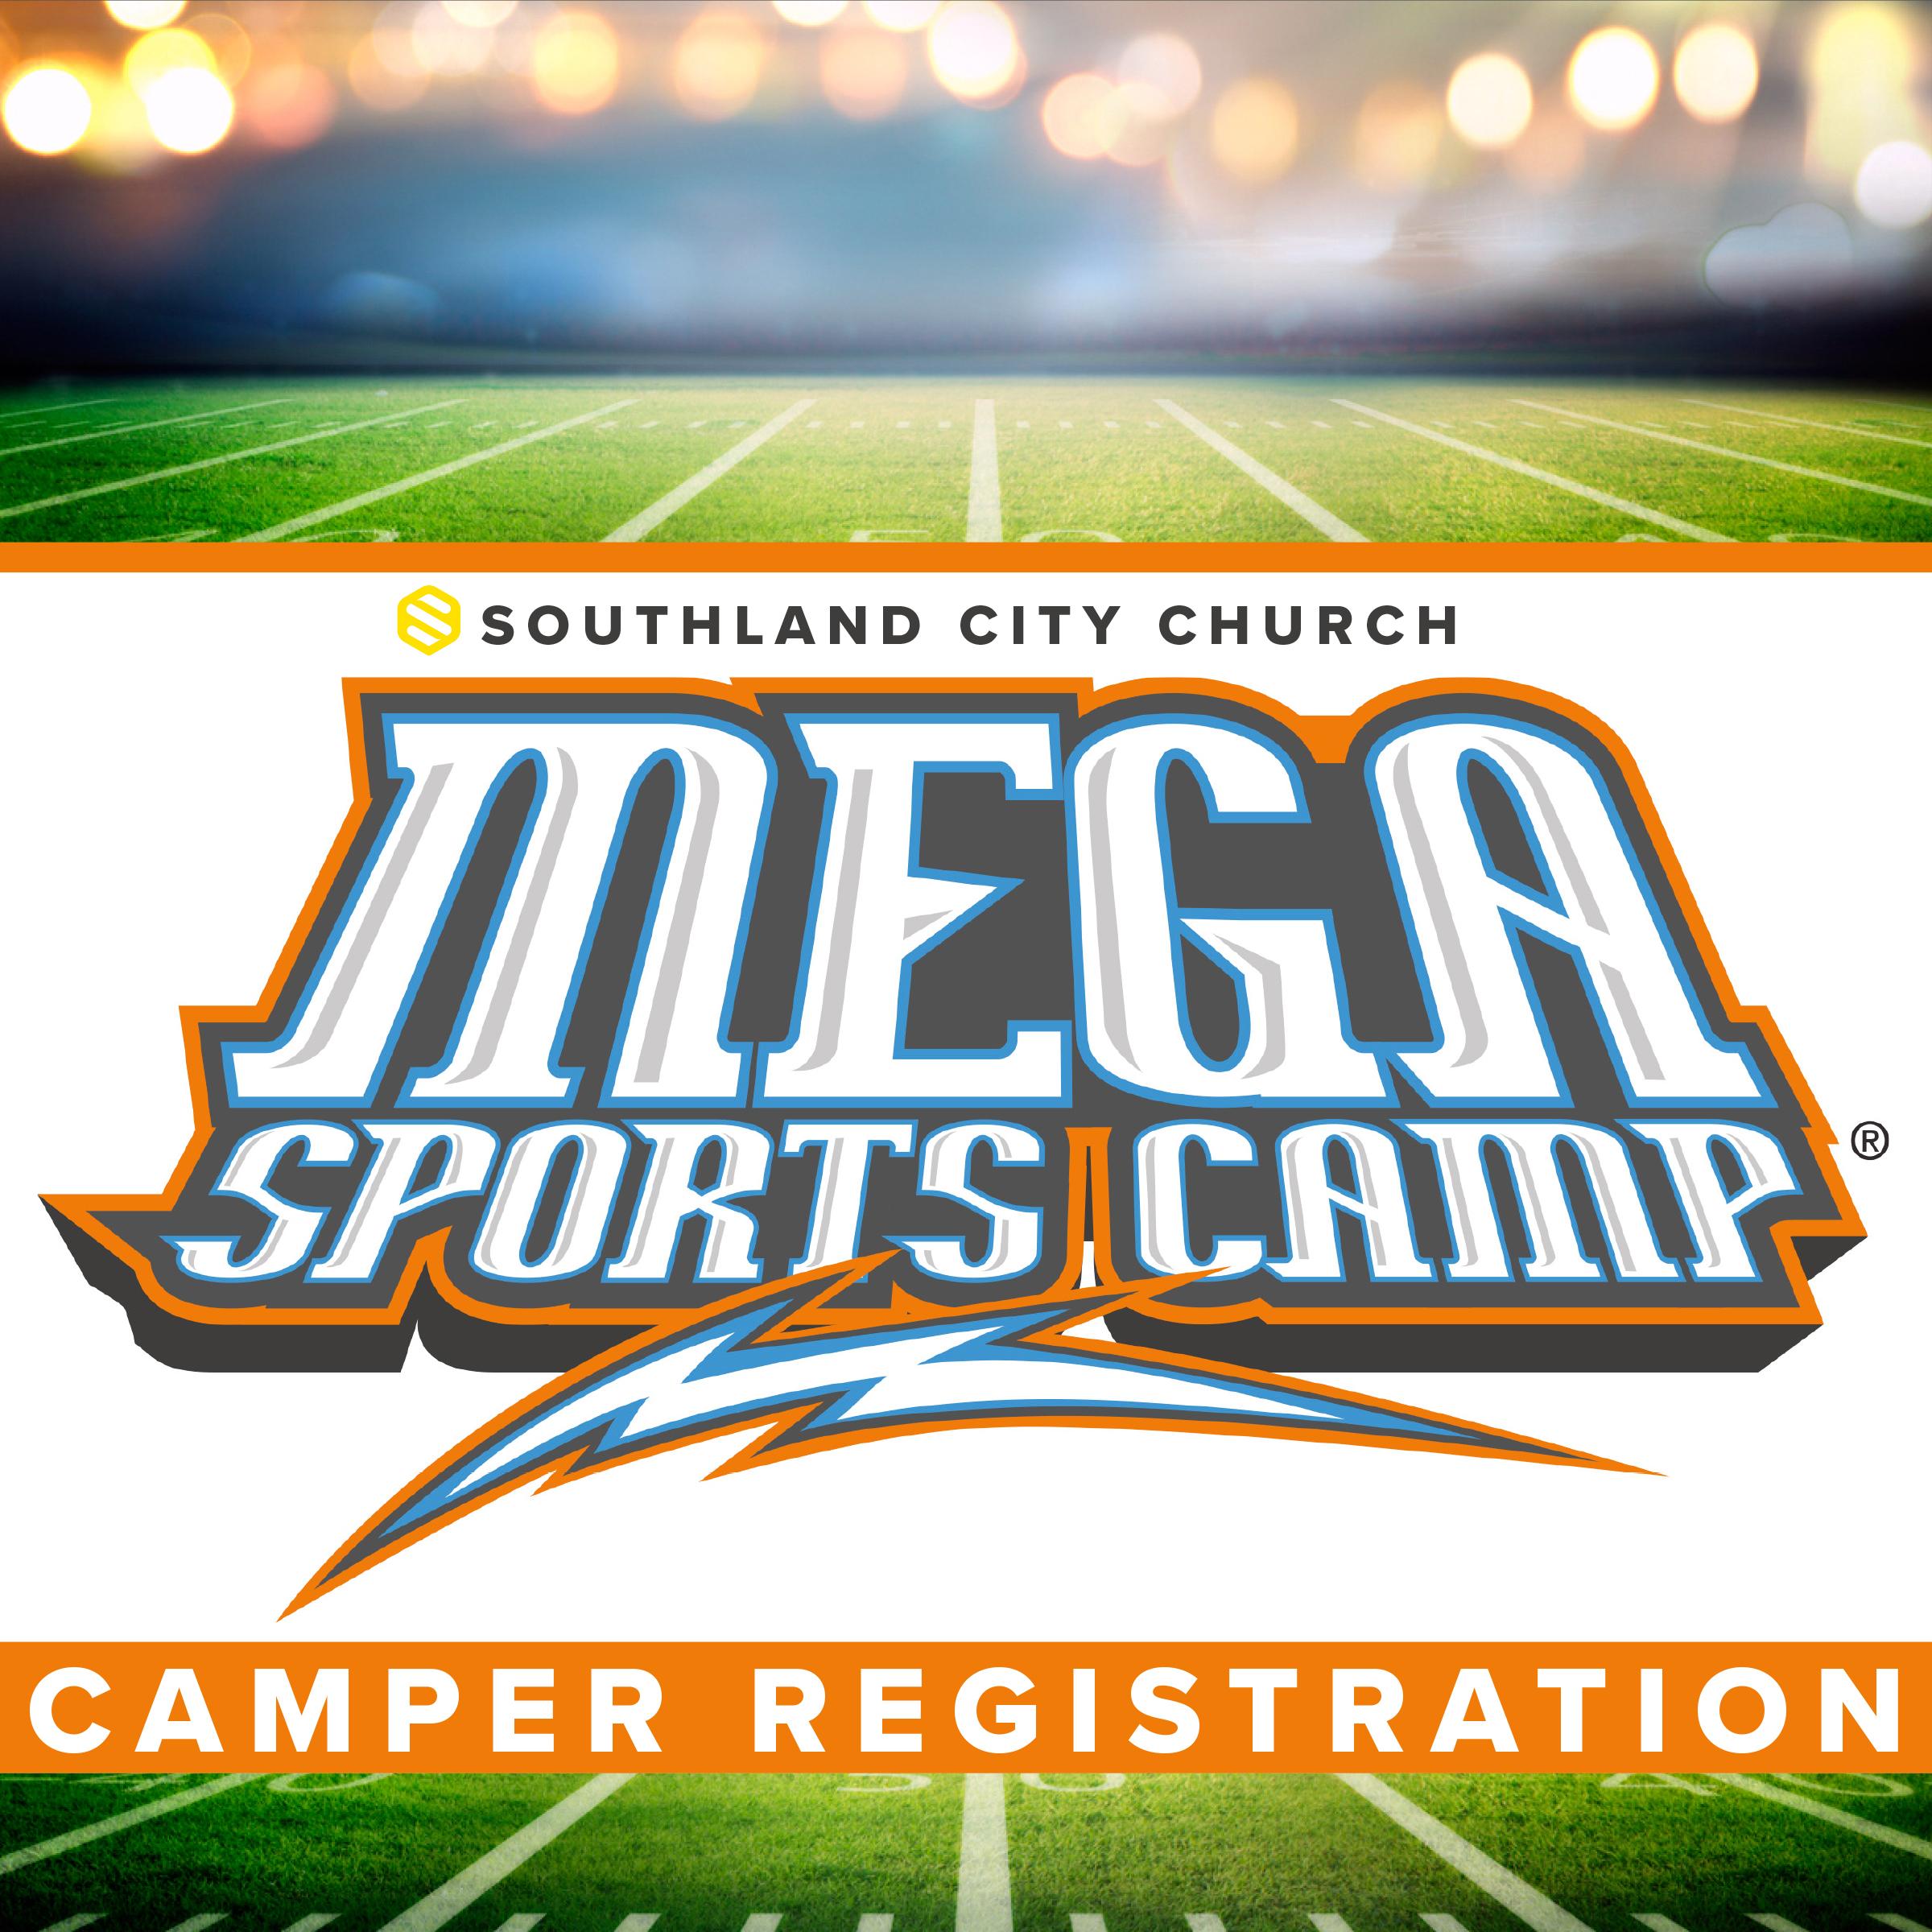 Camper registration logo